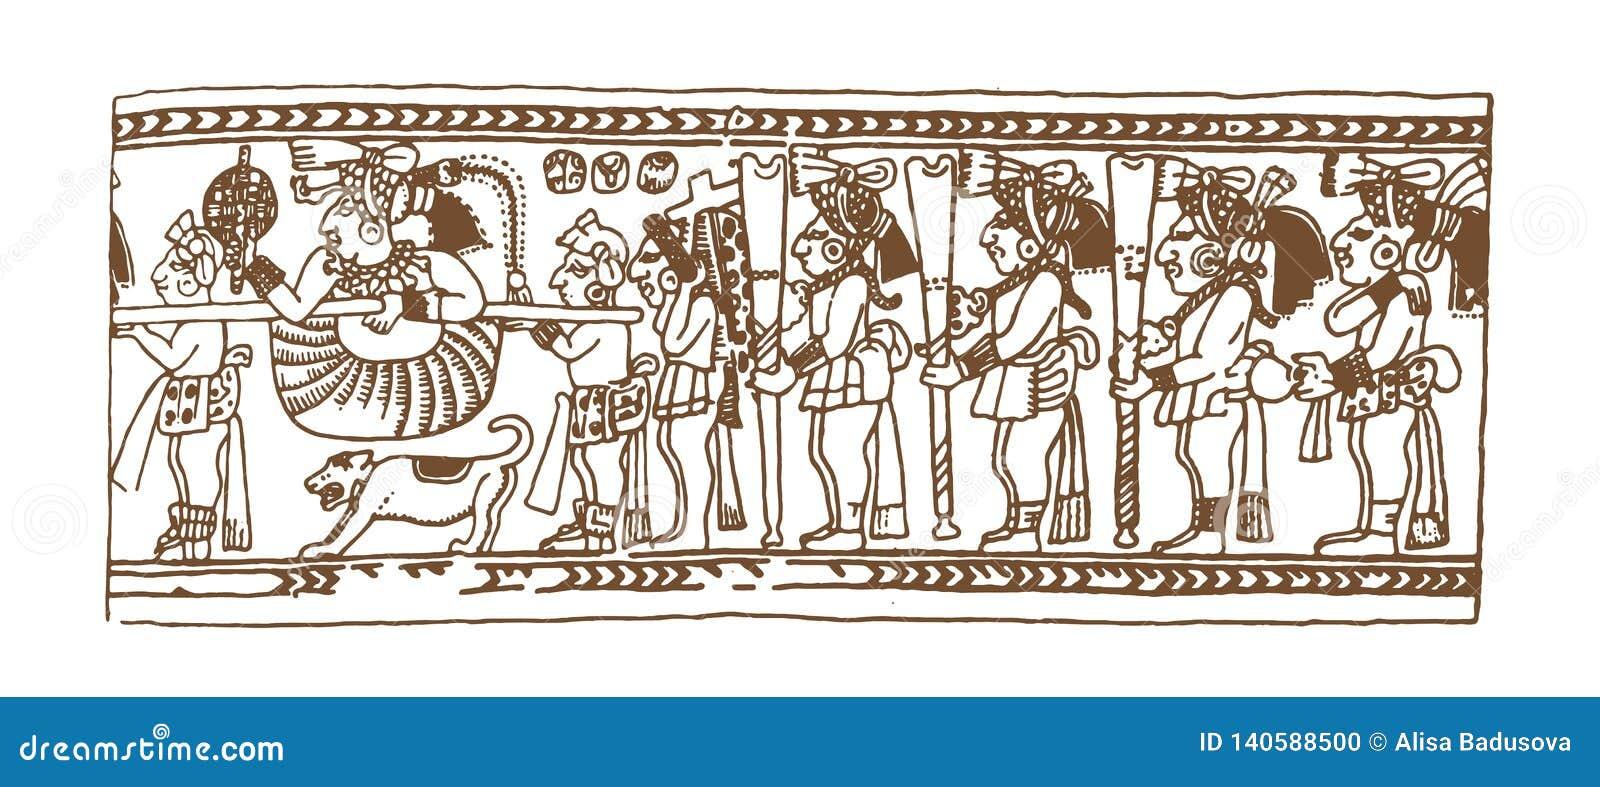 Calendario Inca Simbolos.Glyphs Graficos Del Maya Del Vintage Inca Y Ornamentos